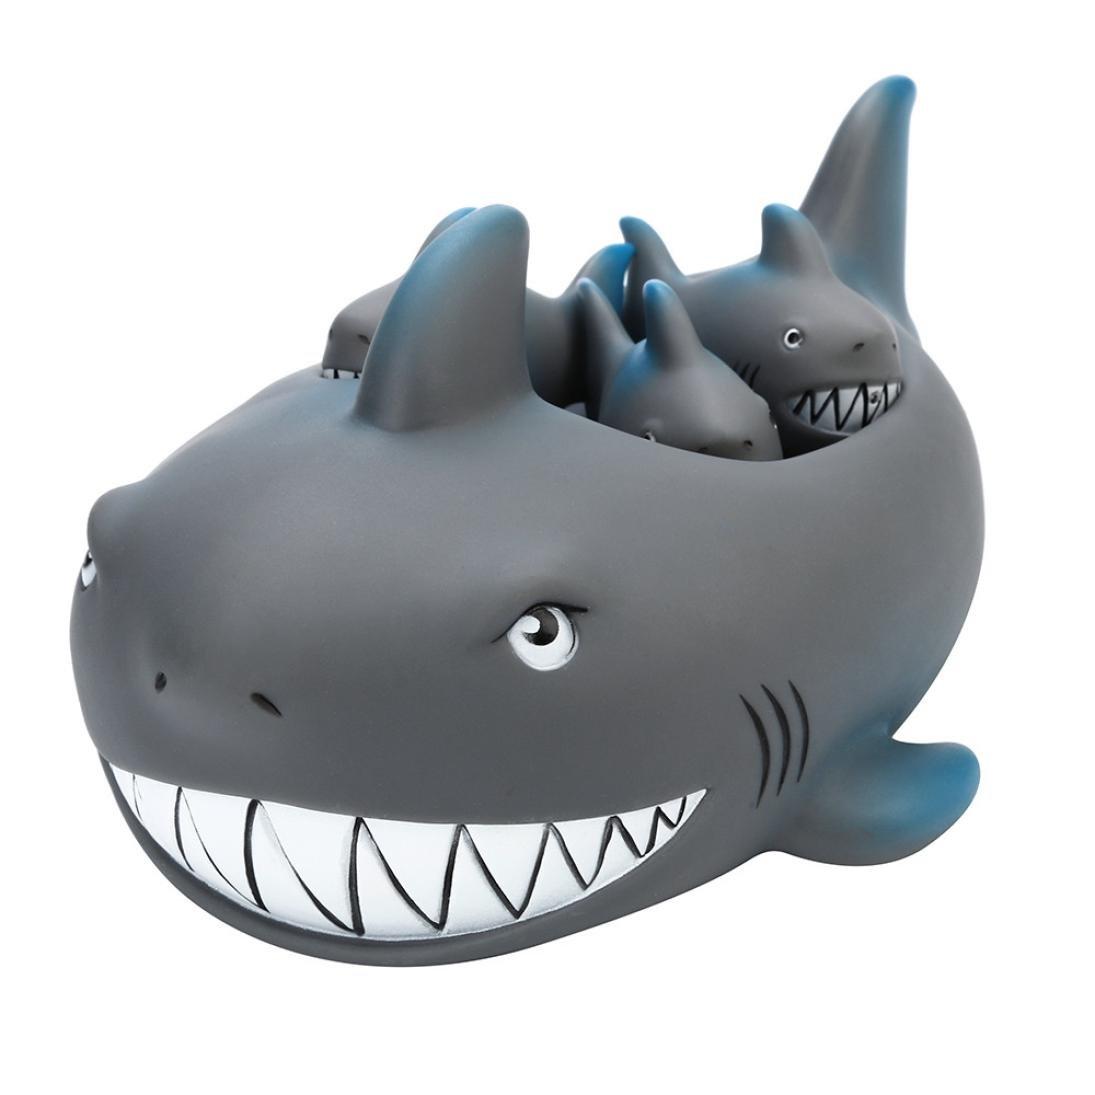 Gris Juguetes Tibur/ón Animados con Sonidos Toy Divertidos Lindos para Agua Piscina Ba/ño Fossrn Juguete Ba/ño Bebe